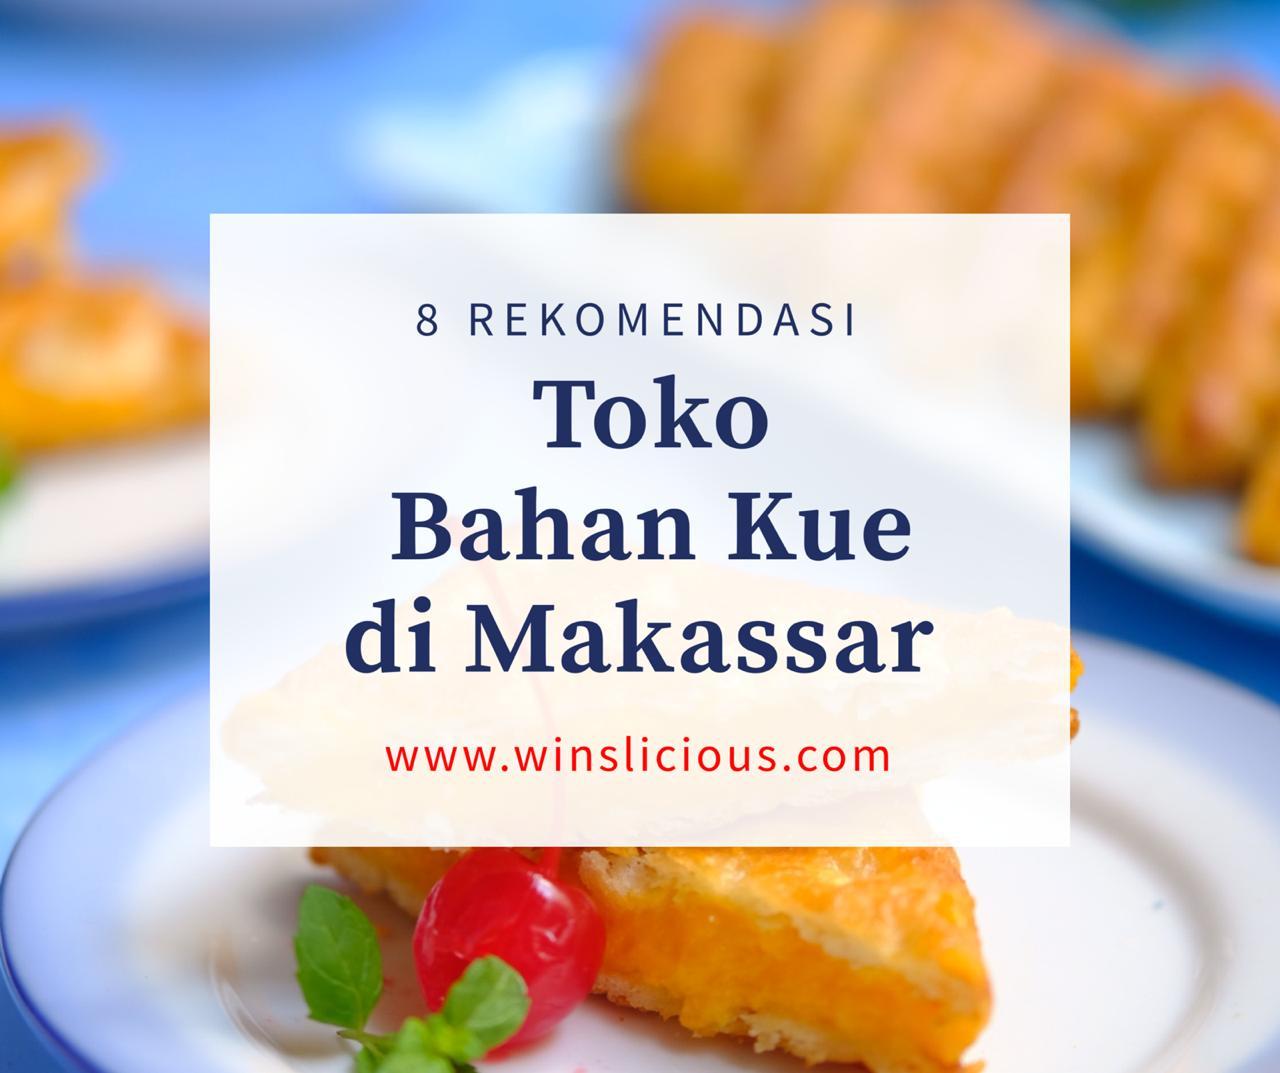 Toko Bahan Kue Makassar